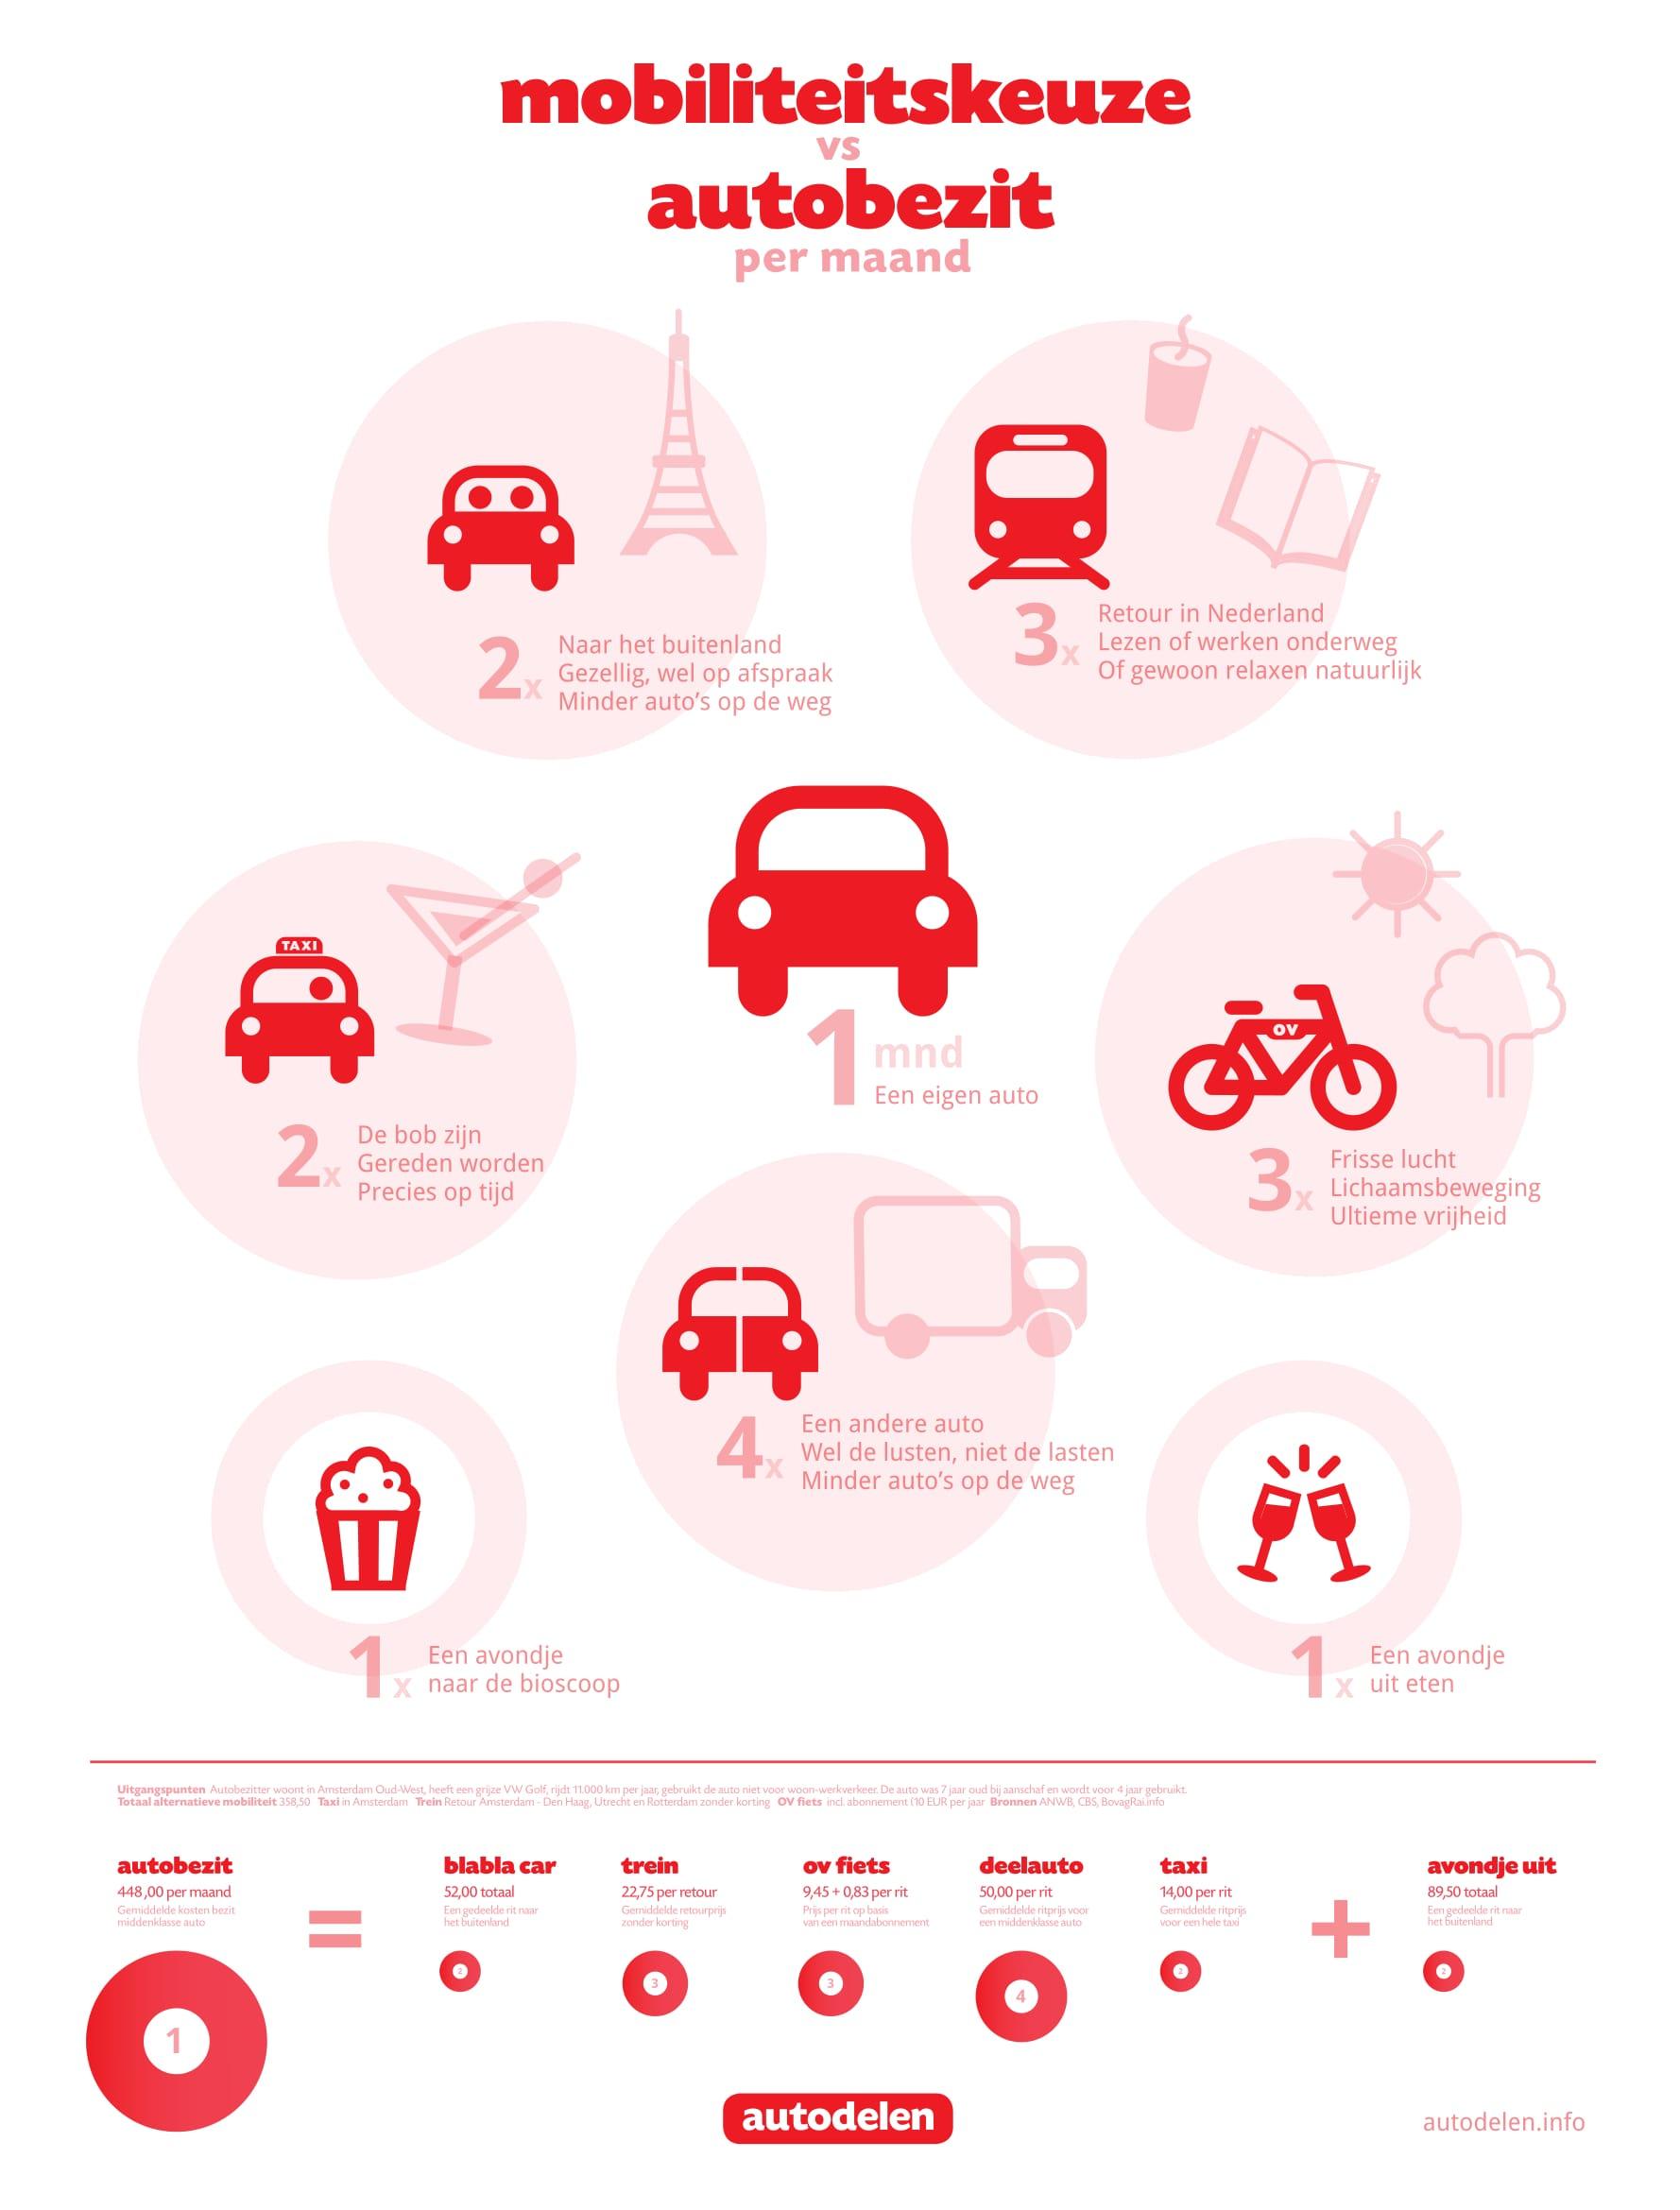 Hoeveel mobiliteit koop je voor een maand autobezit? -